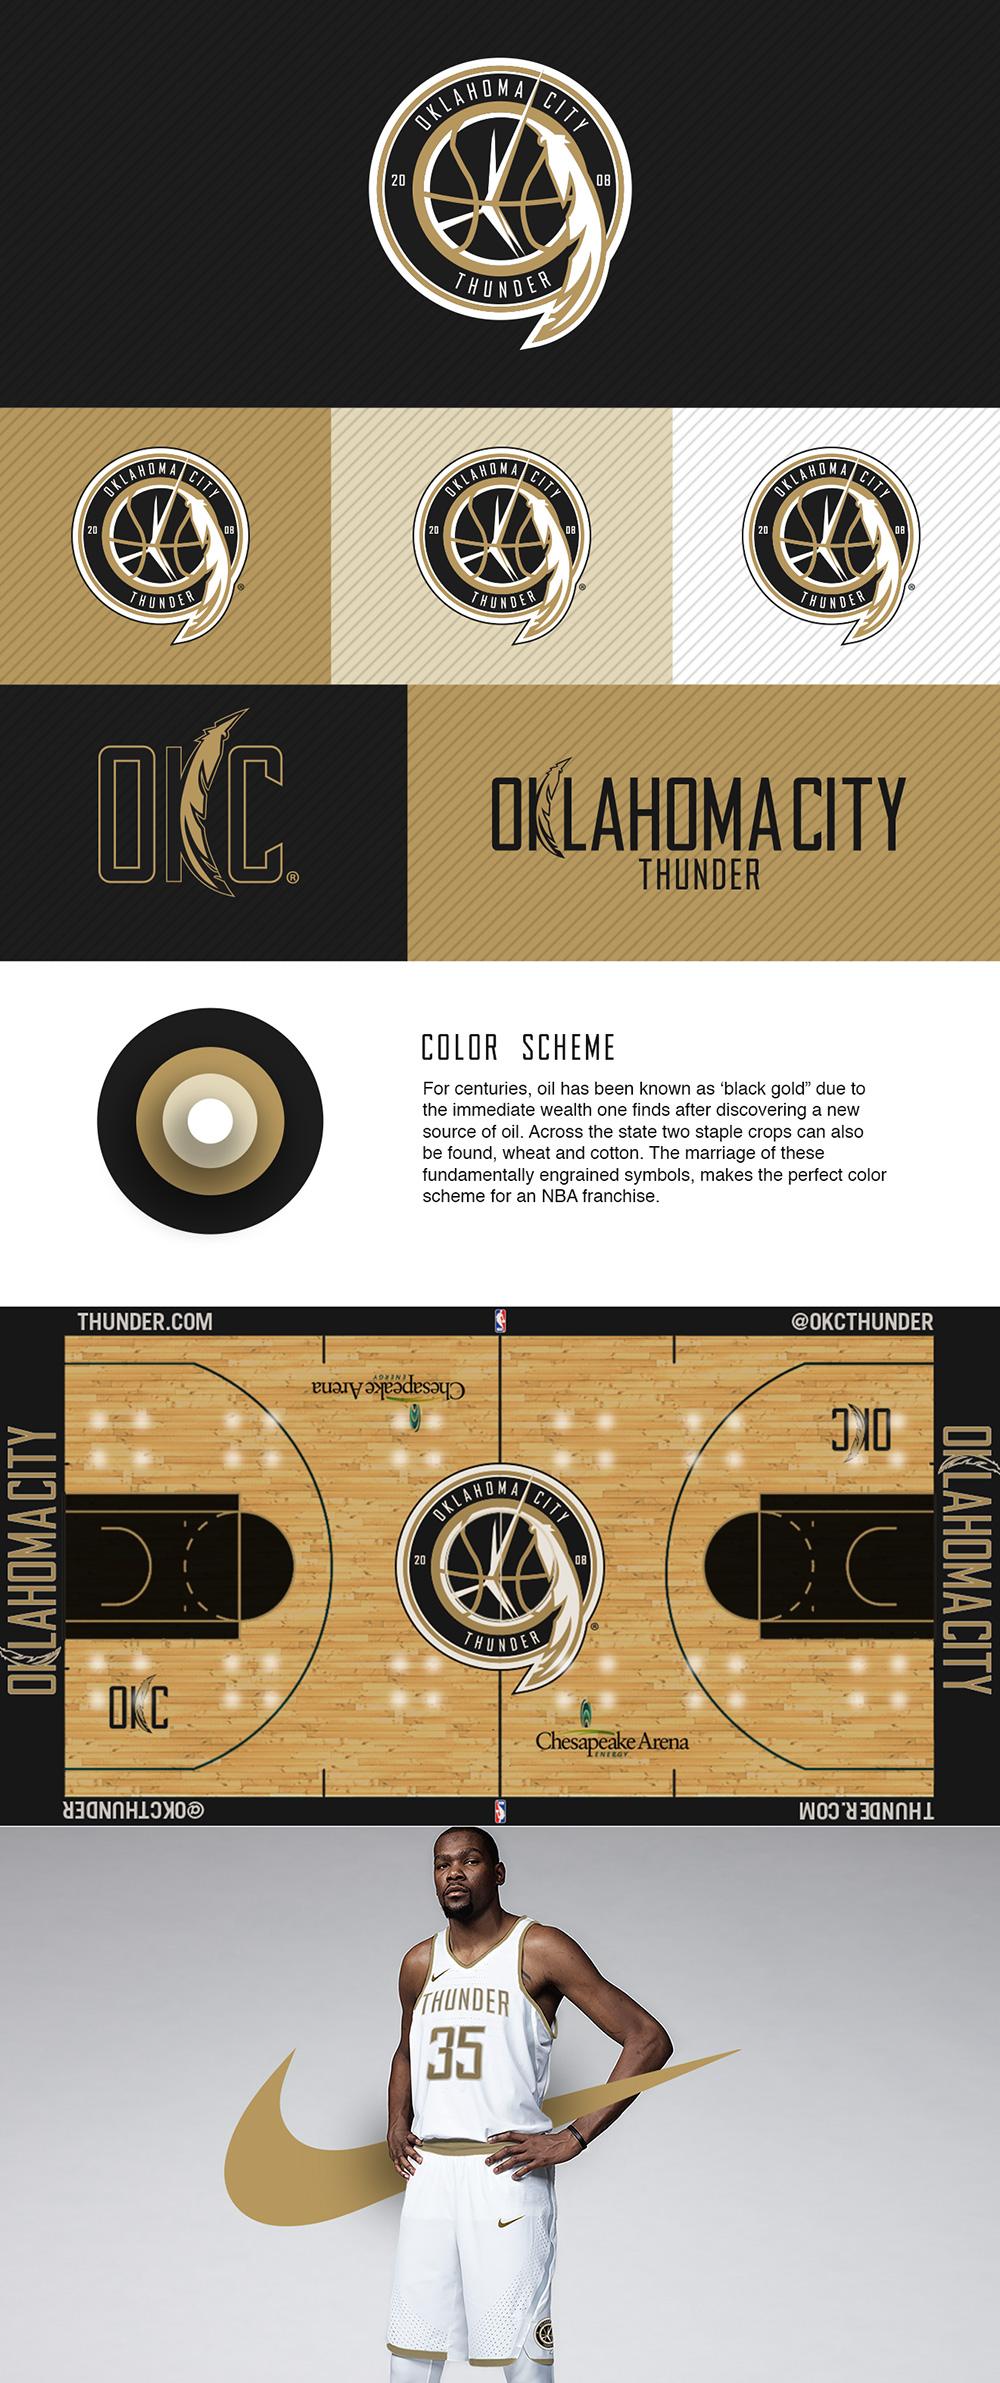 Logotipo del equipo de baloncesto: Oklahoma City Thunder - Rebrand por Trevor Morse